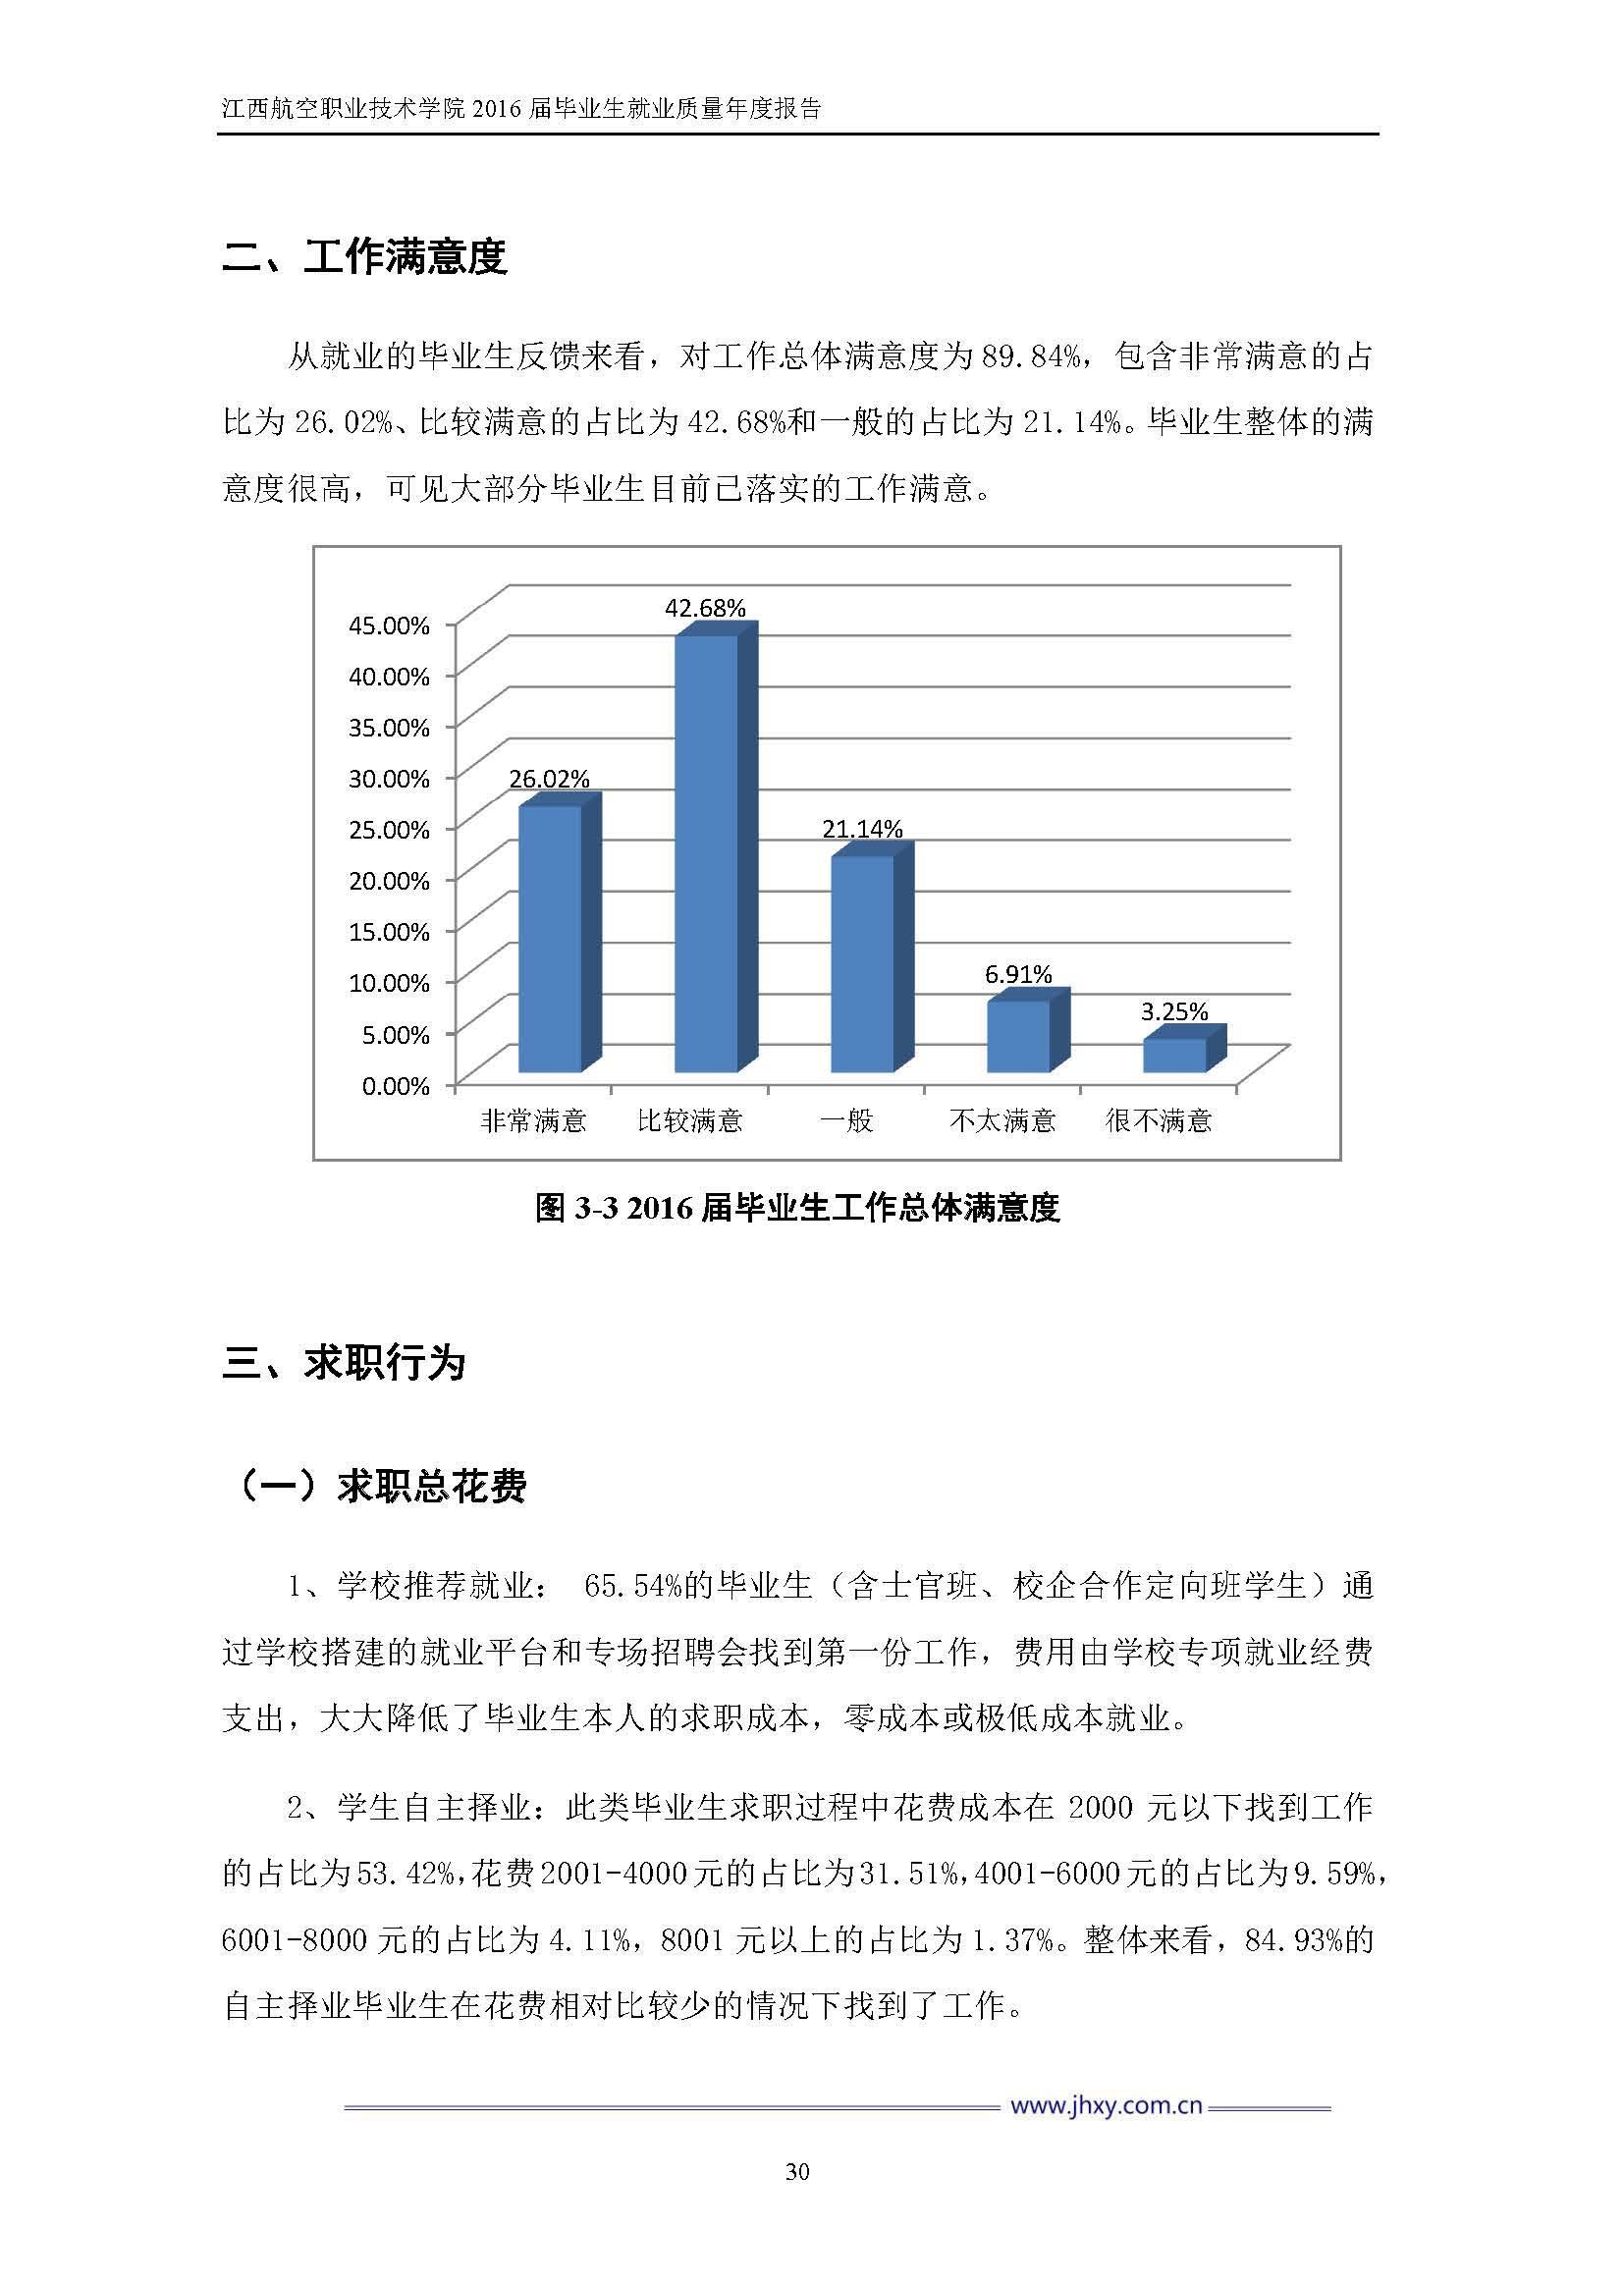 江西航空职业技术学院2016届毕业生就业质量年度报告_Page_37.jpg